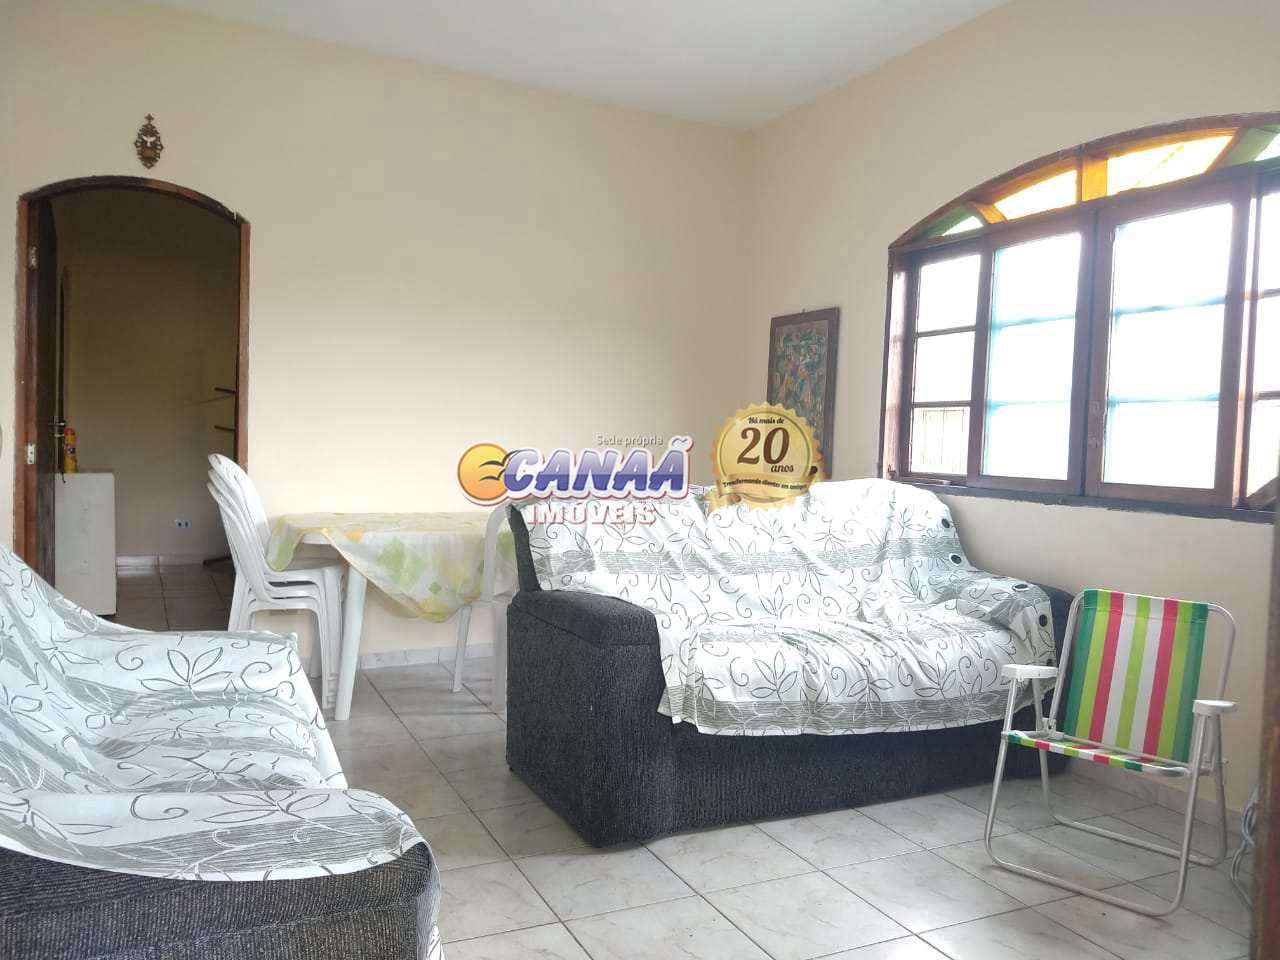 Casa com 2 dorms, Balneário Itaguai, Mongaguá - R$ 200 mil, Cod: 8451